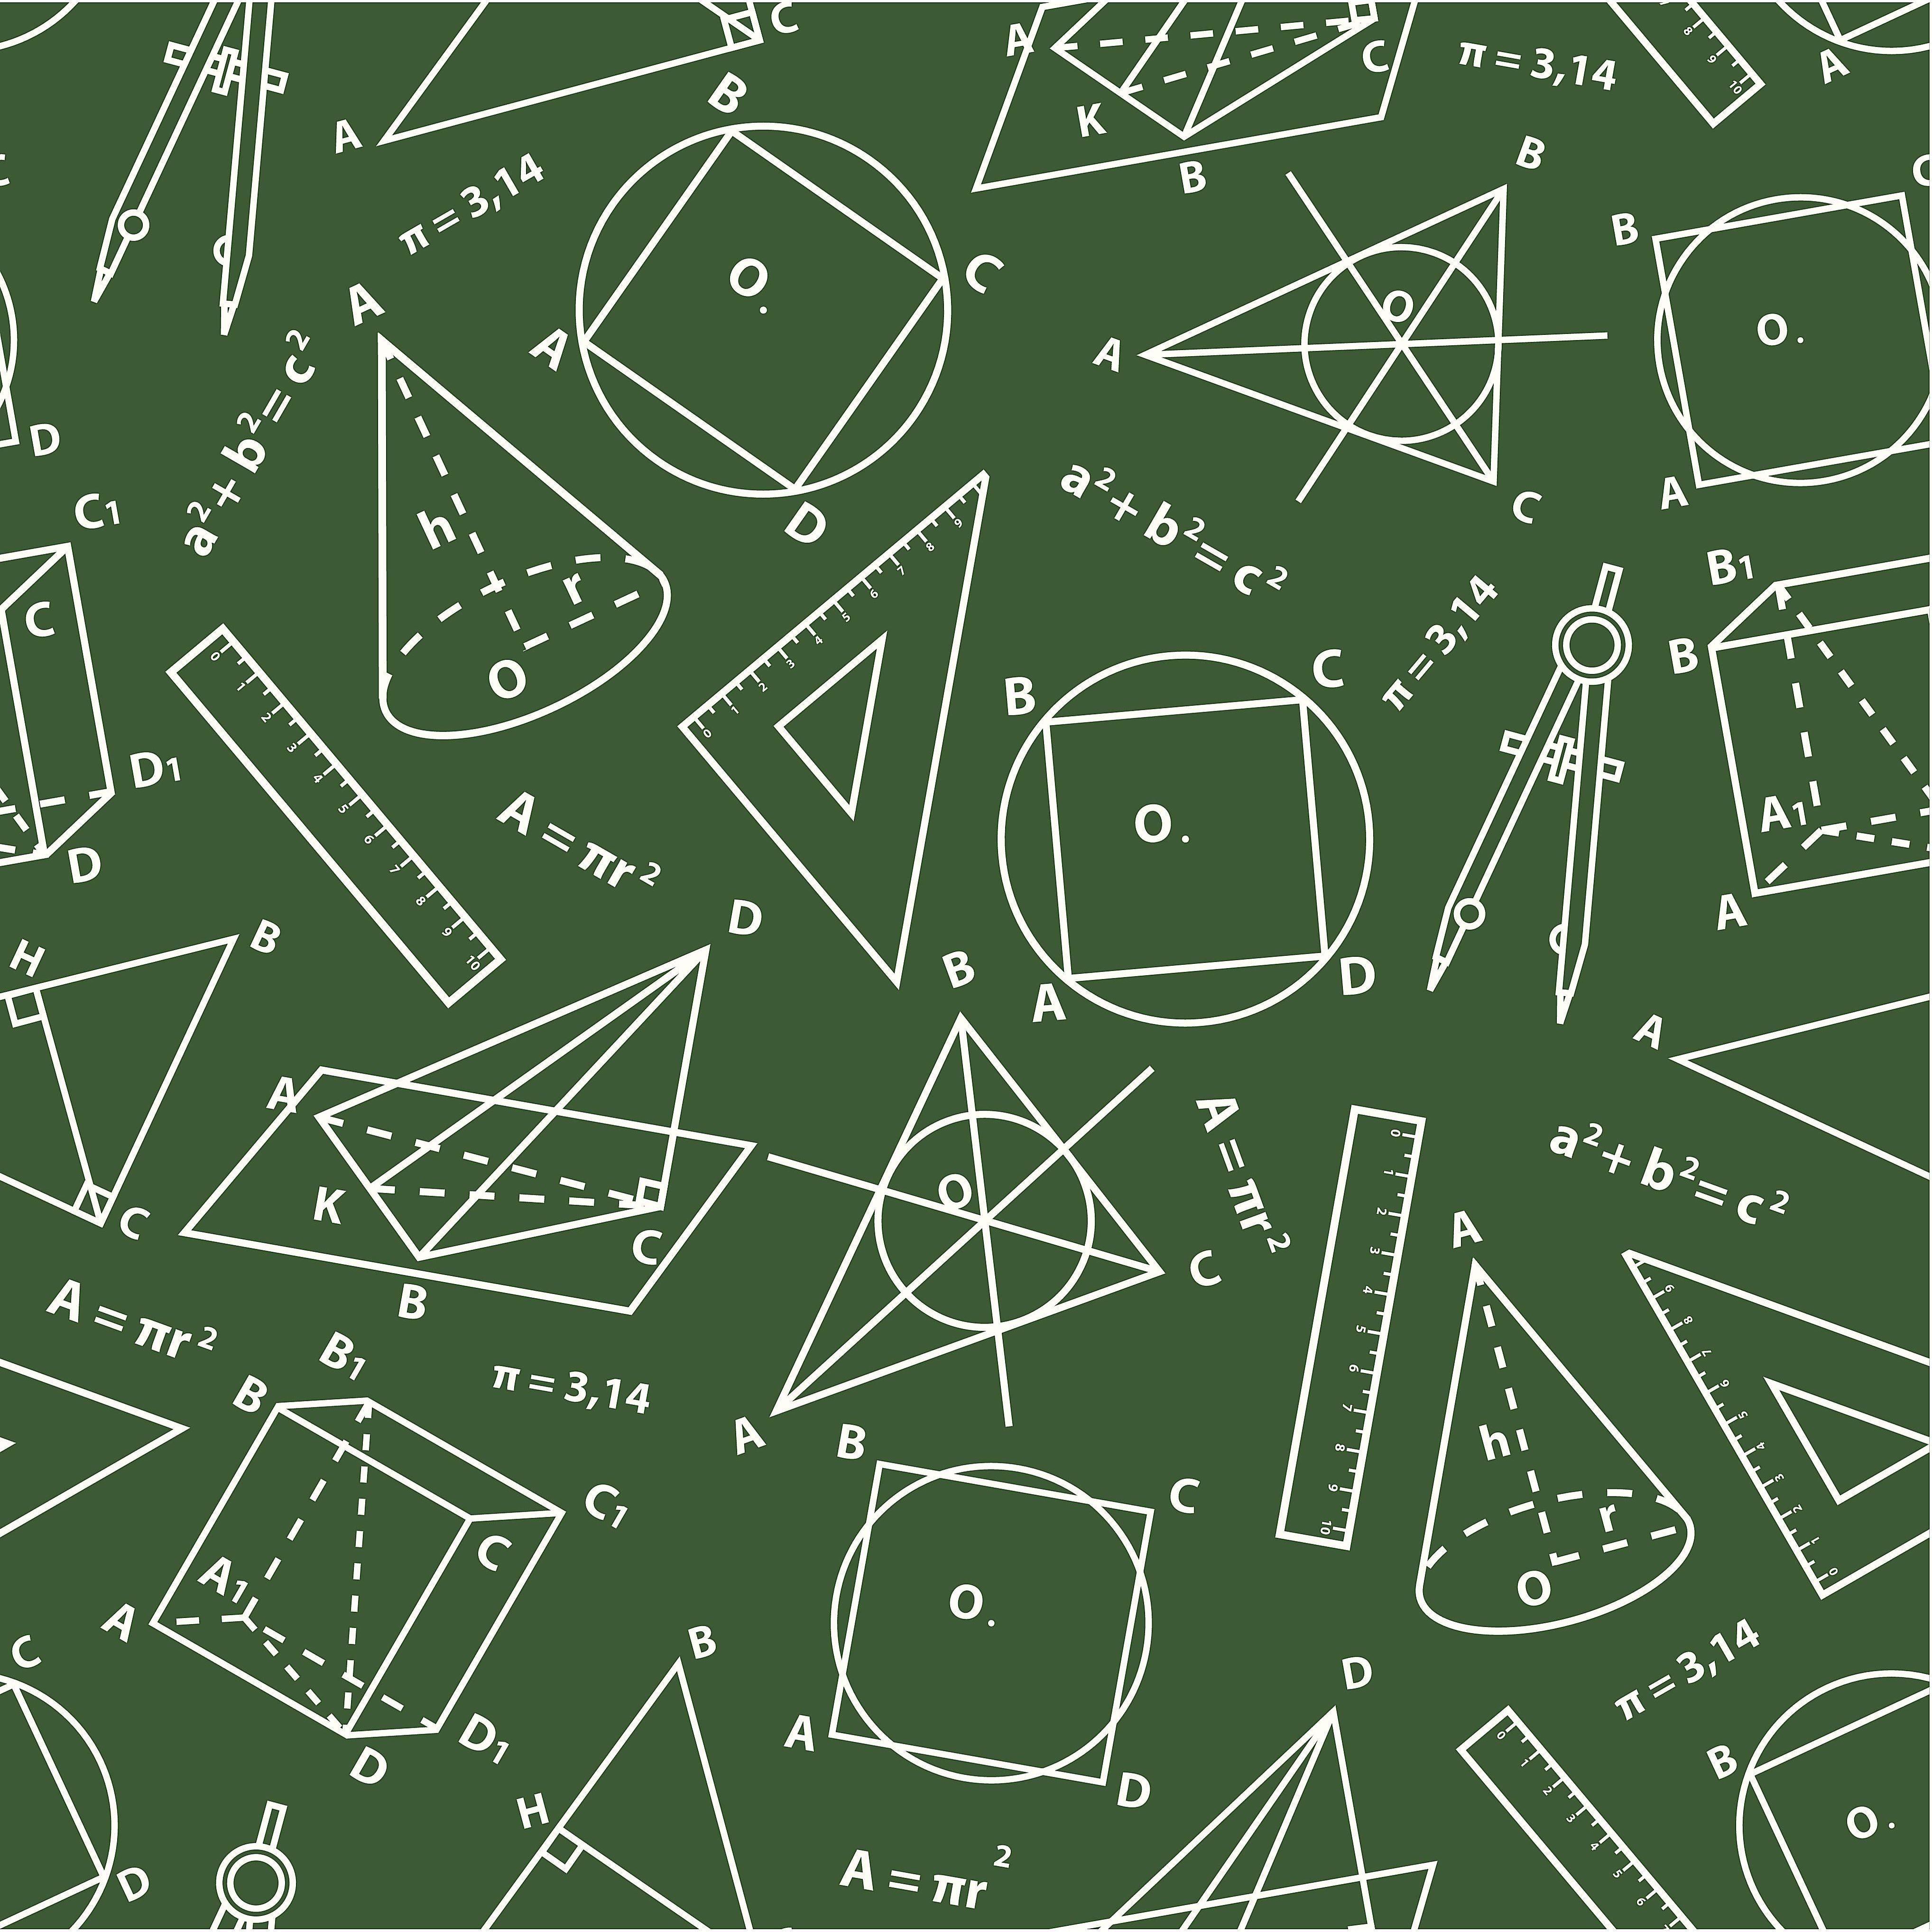 картинки по геометрии и модельный ряд аджика обладает